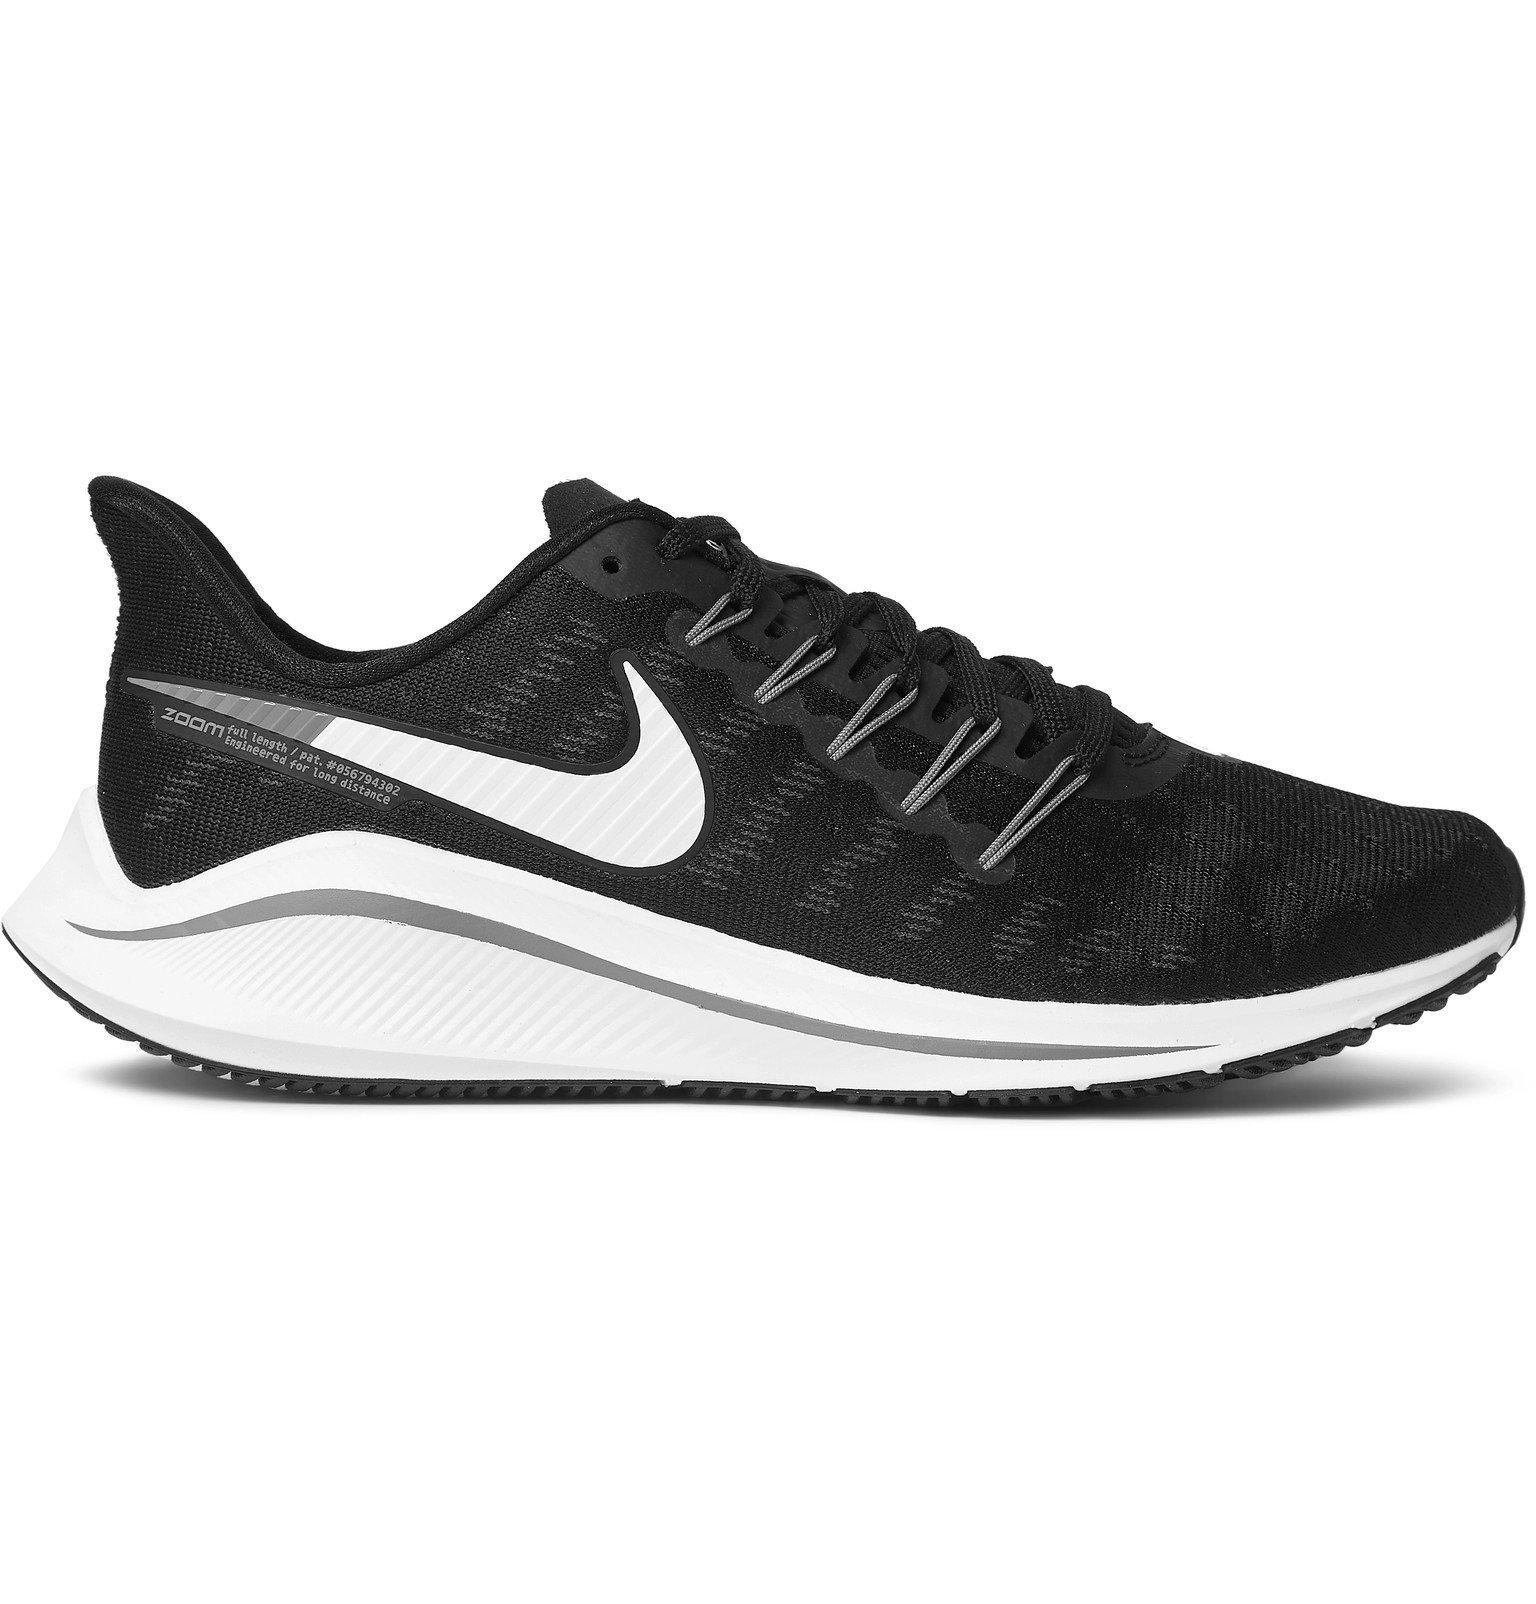 Nike Running - Air Zoom Vomero Mesh Sneakers - Black